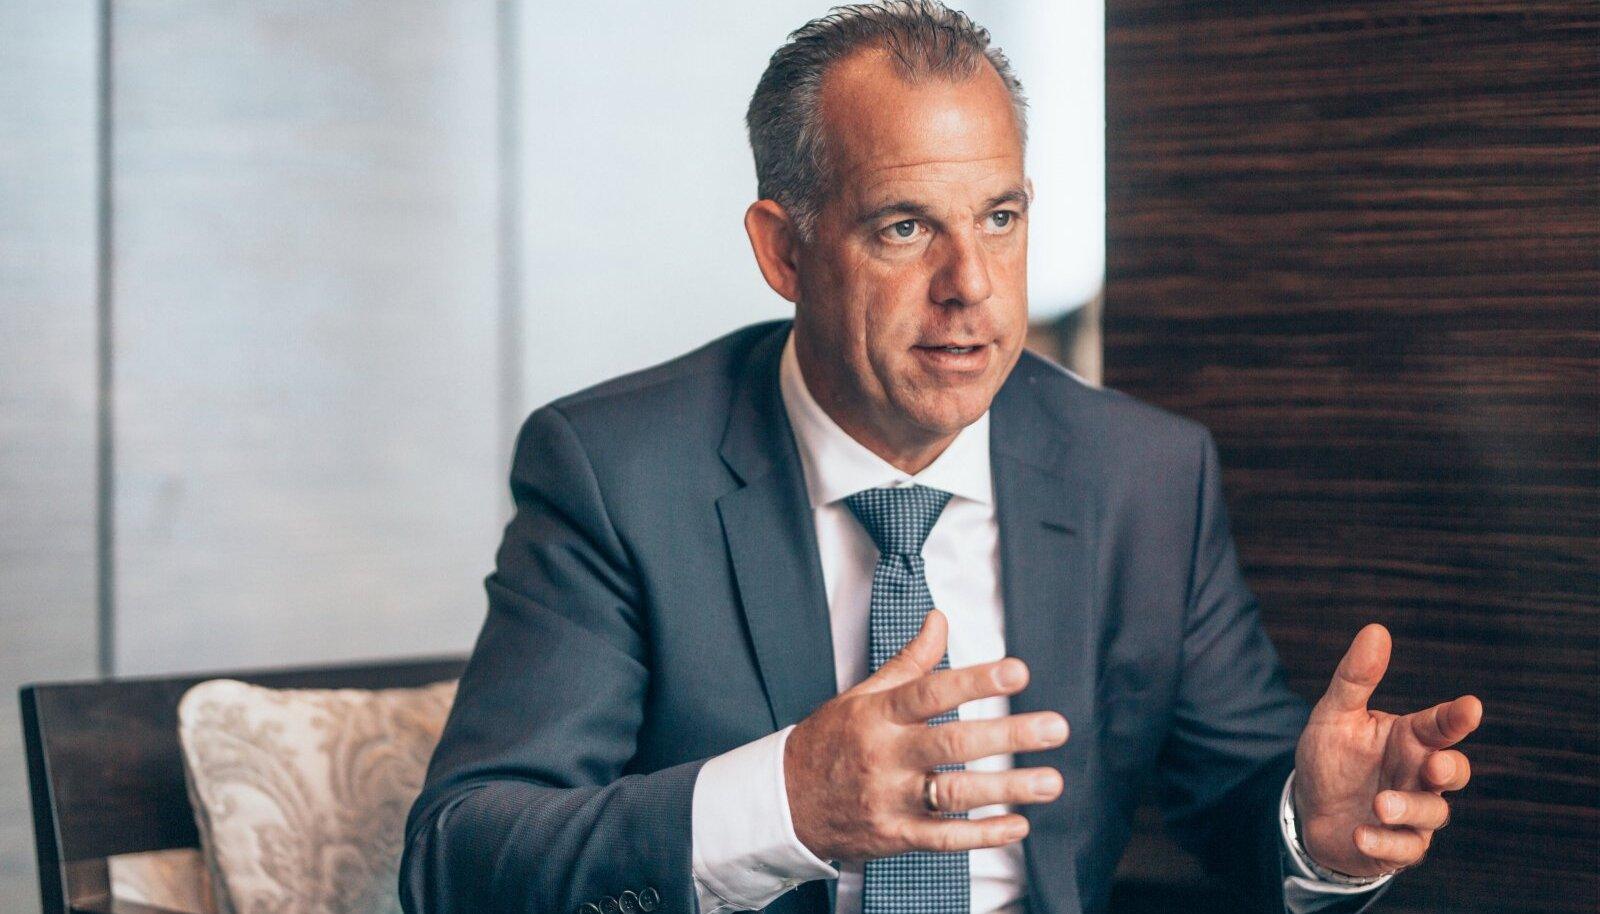 AirBalticu tegevjuhi Martin Gaussi sõnul on nad lubanud koondatud 700 inimesele, et võtavad nad tagasi, kui olud paranevad. Millal see aga juhtuda võiks, ei tea keegi.